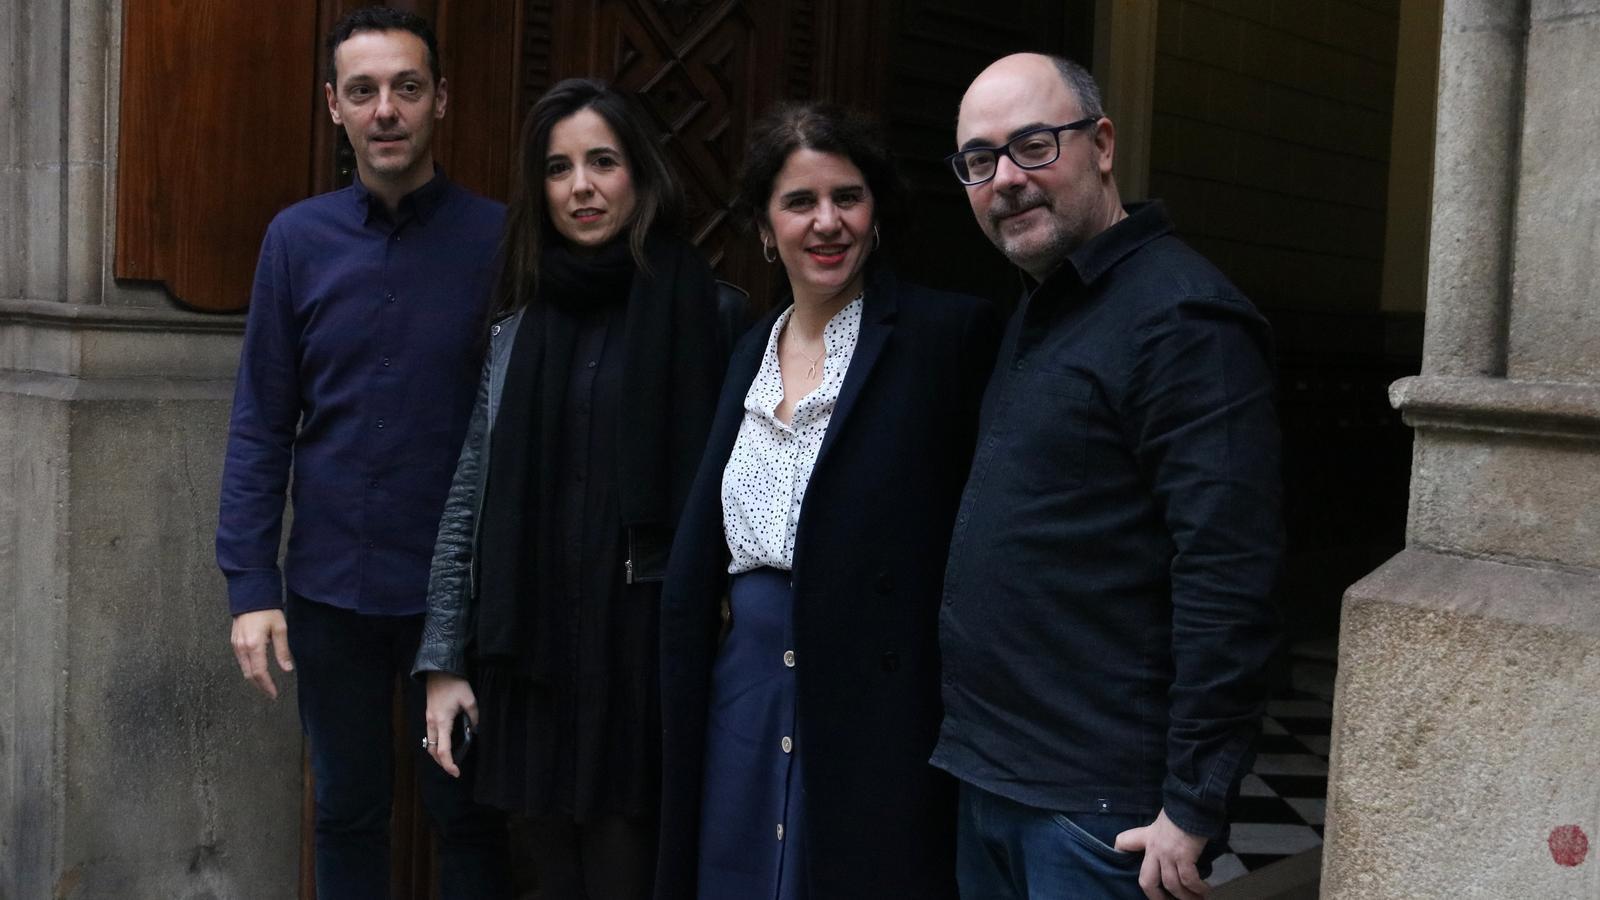 L'equip d'editors d'Ara Llibres: Joan Carles Girbés, Laura Rosel, Maia Conesa i Miquel Adam